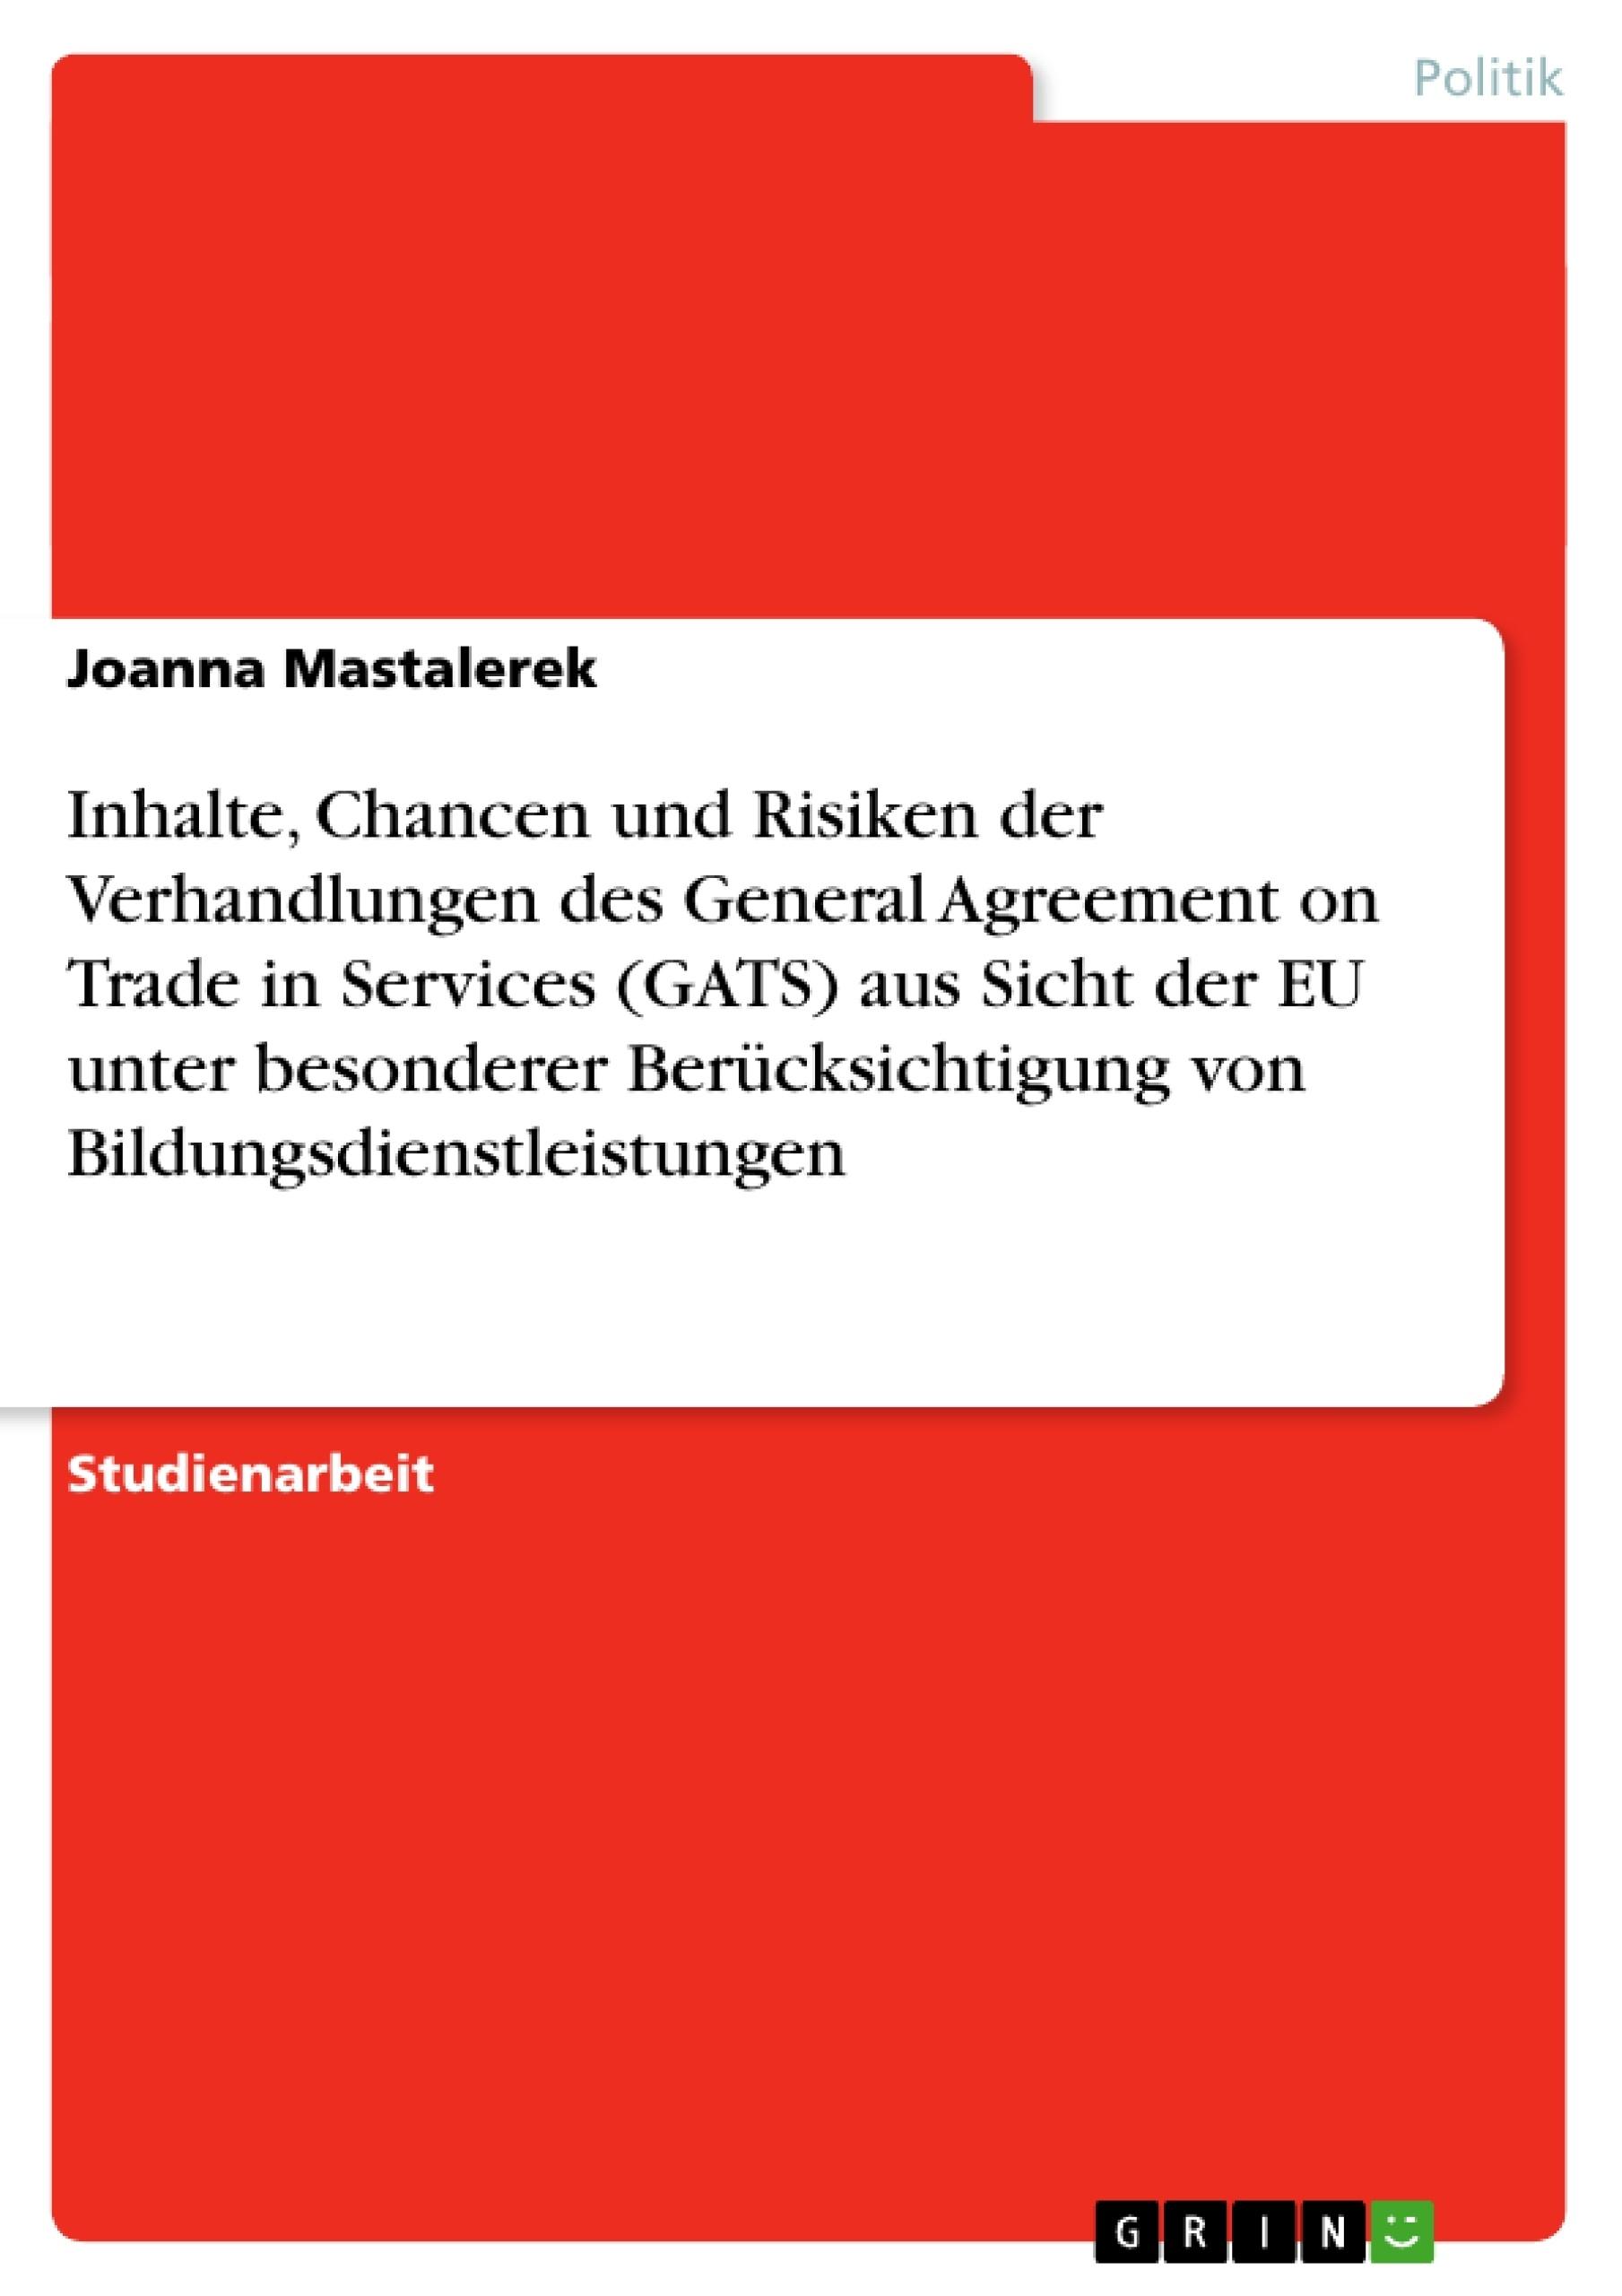 Titel: Inhalte, Chancen und Risiken der Verhandlungen des General Agreement on Trade in Services (GATS) aus Sicht der EU unter besonderer Berücksichtigung von Bildungsdienstleistungen